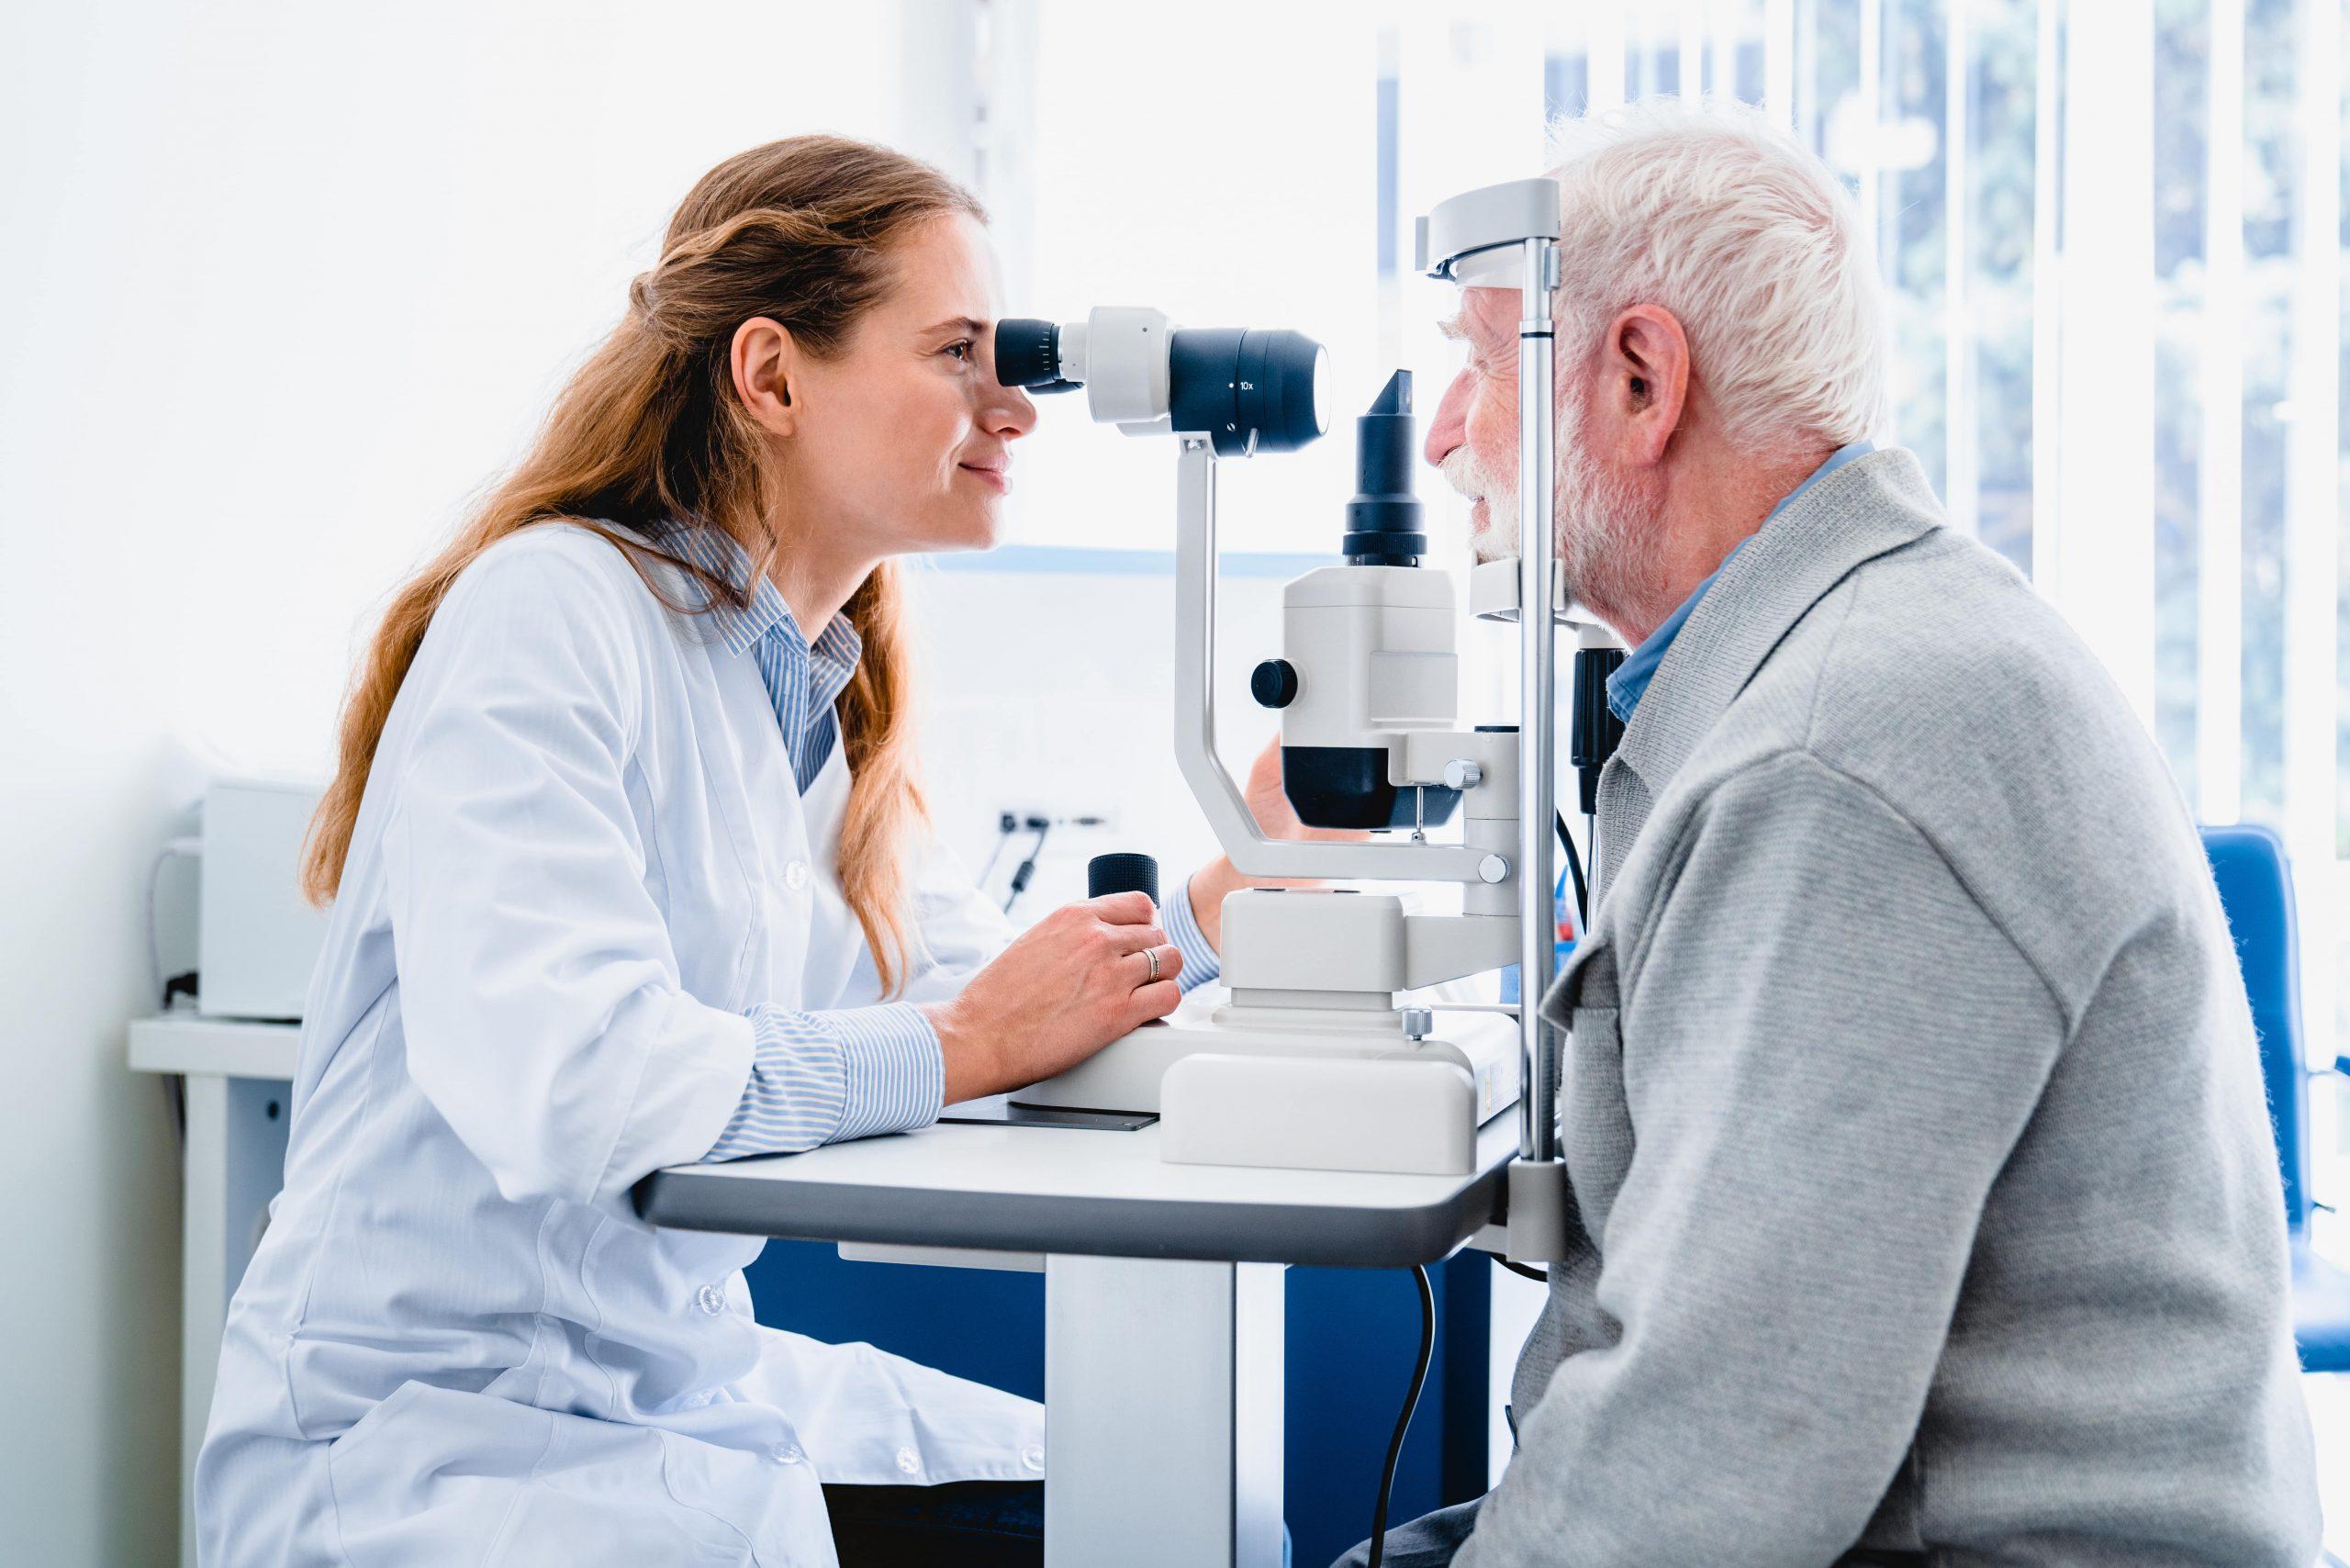 Les visites des opticiens en EHPAD et dans les maisons spécialisées